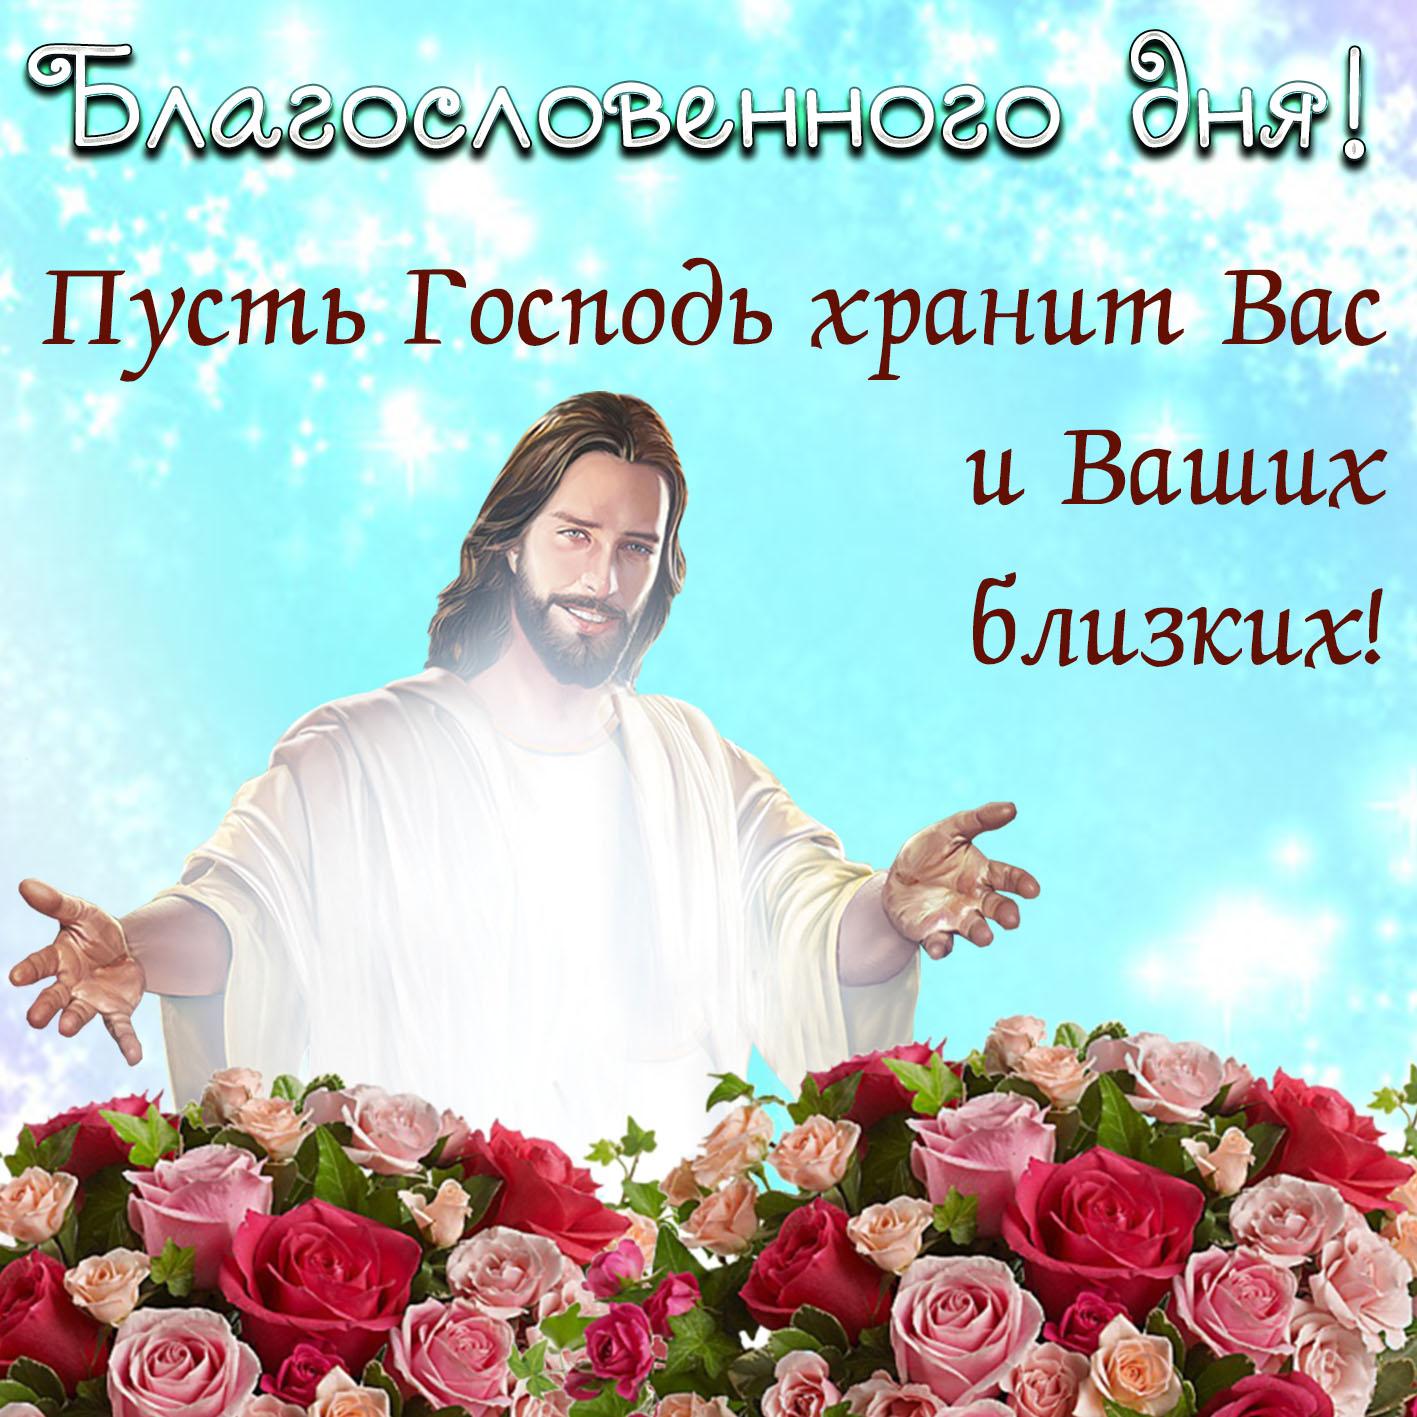 Картинка благословенного дня с ликом Господа на фоне цветов